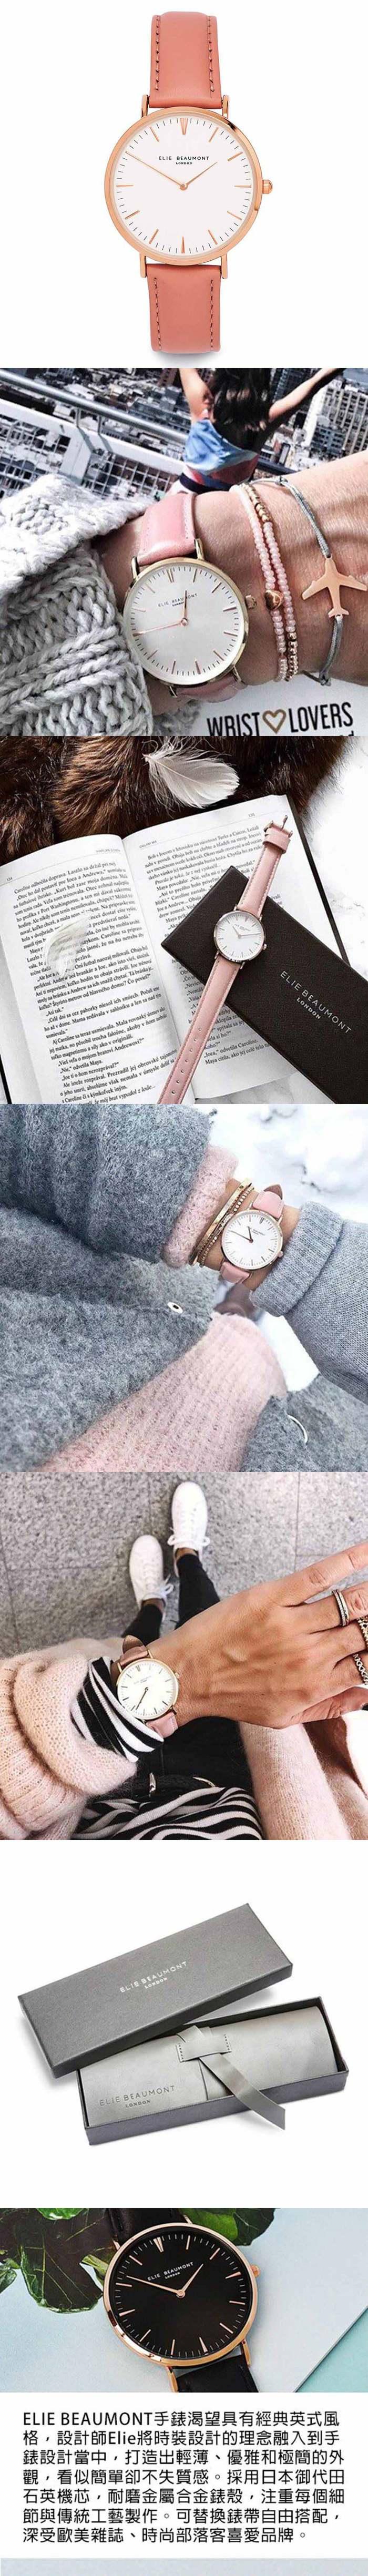 (複製)Elie Beaumont 英國時尚手錶 牛津系列 白錶盤x莓紅錶帶x玫瑰金錶框38mm